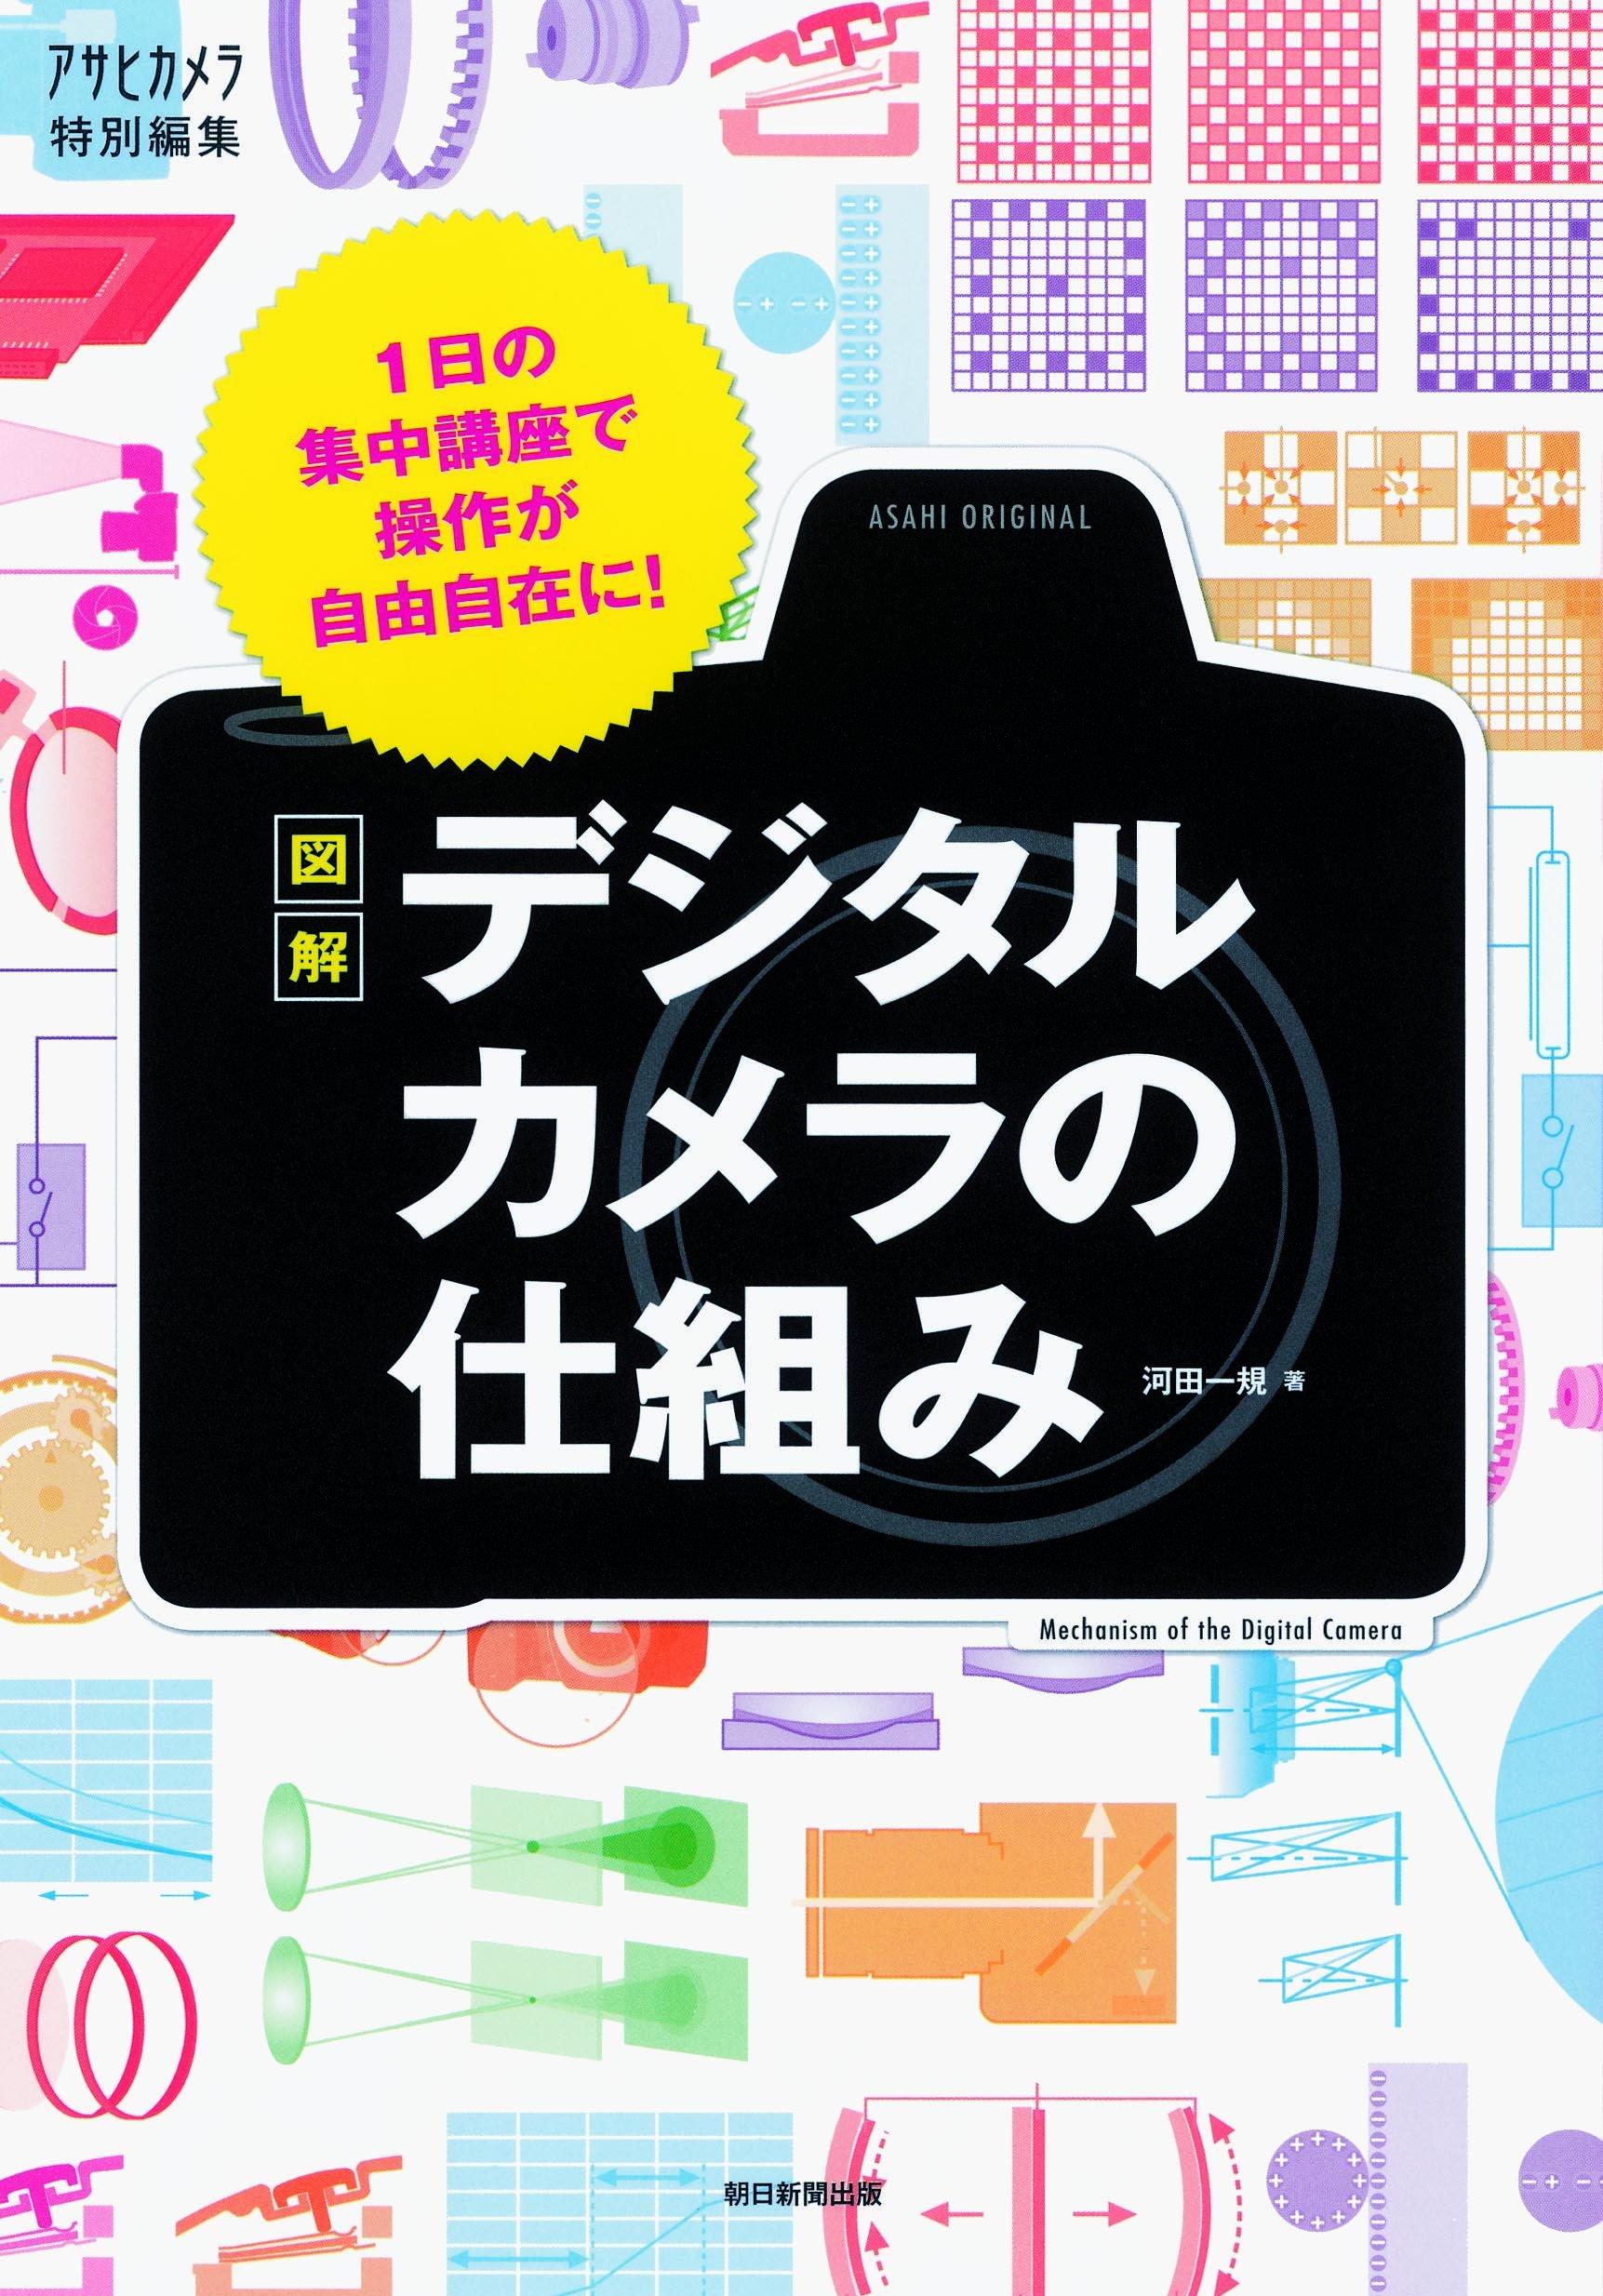 カメラ好きなら持っておきたいカメラ解説本、図解デジタルカメラの仕組み(河田一規著)